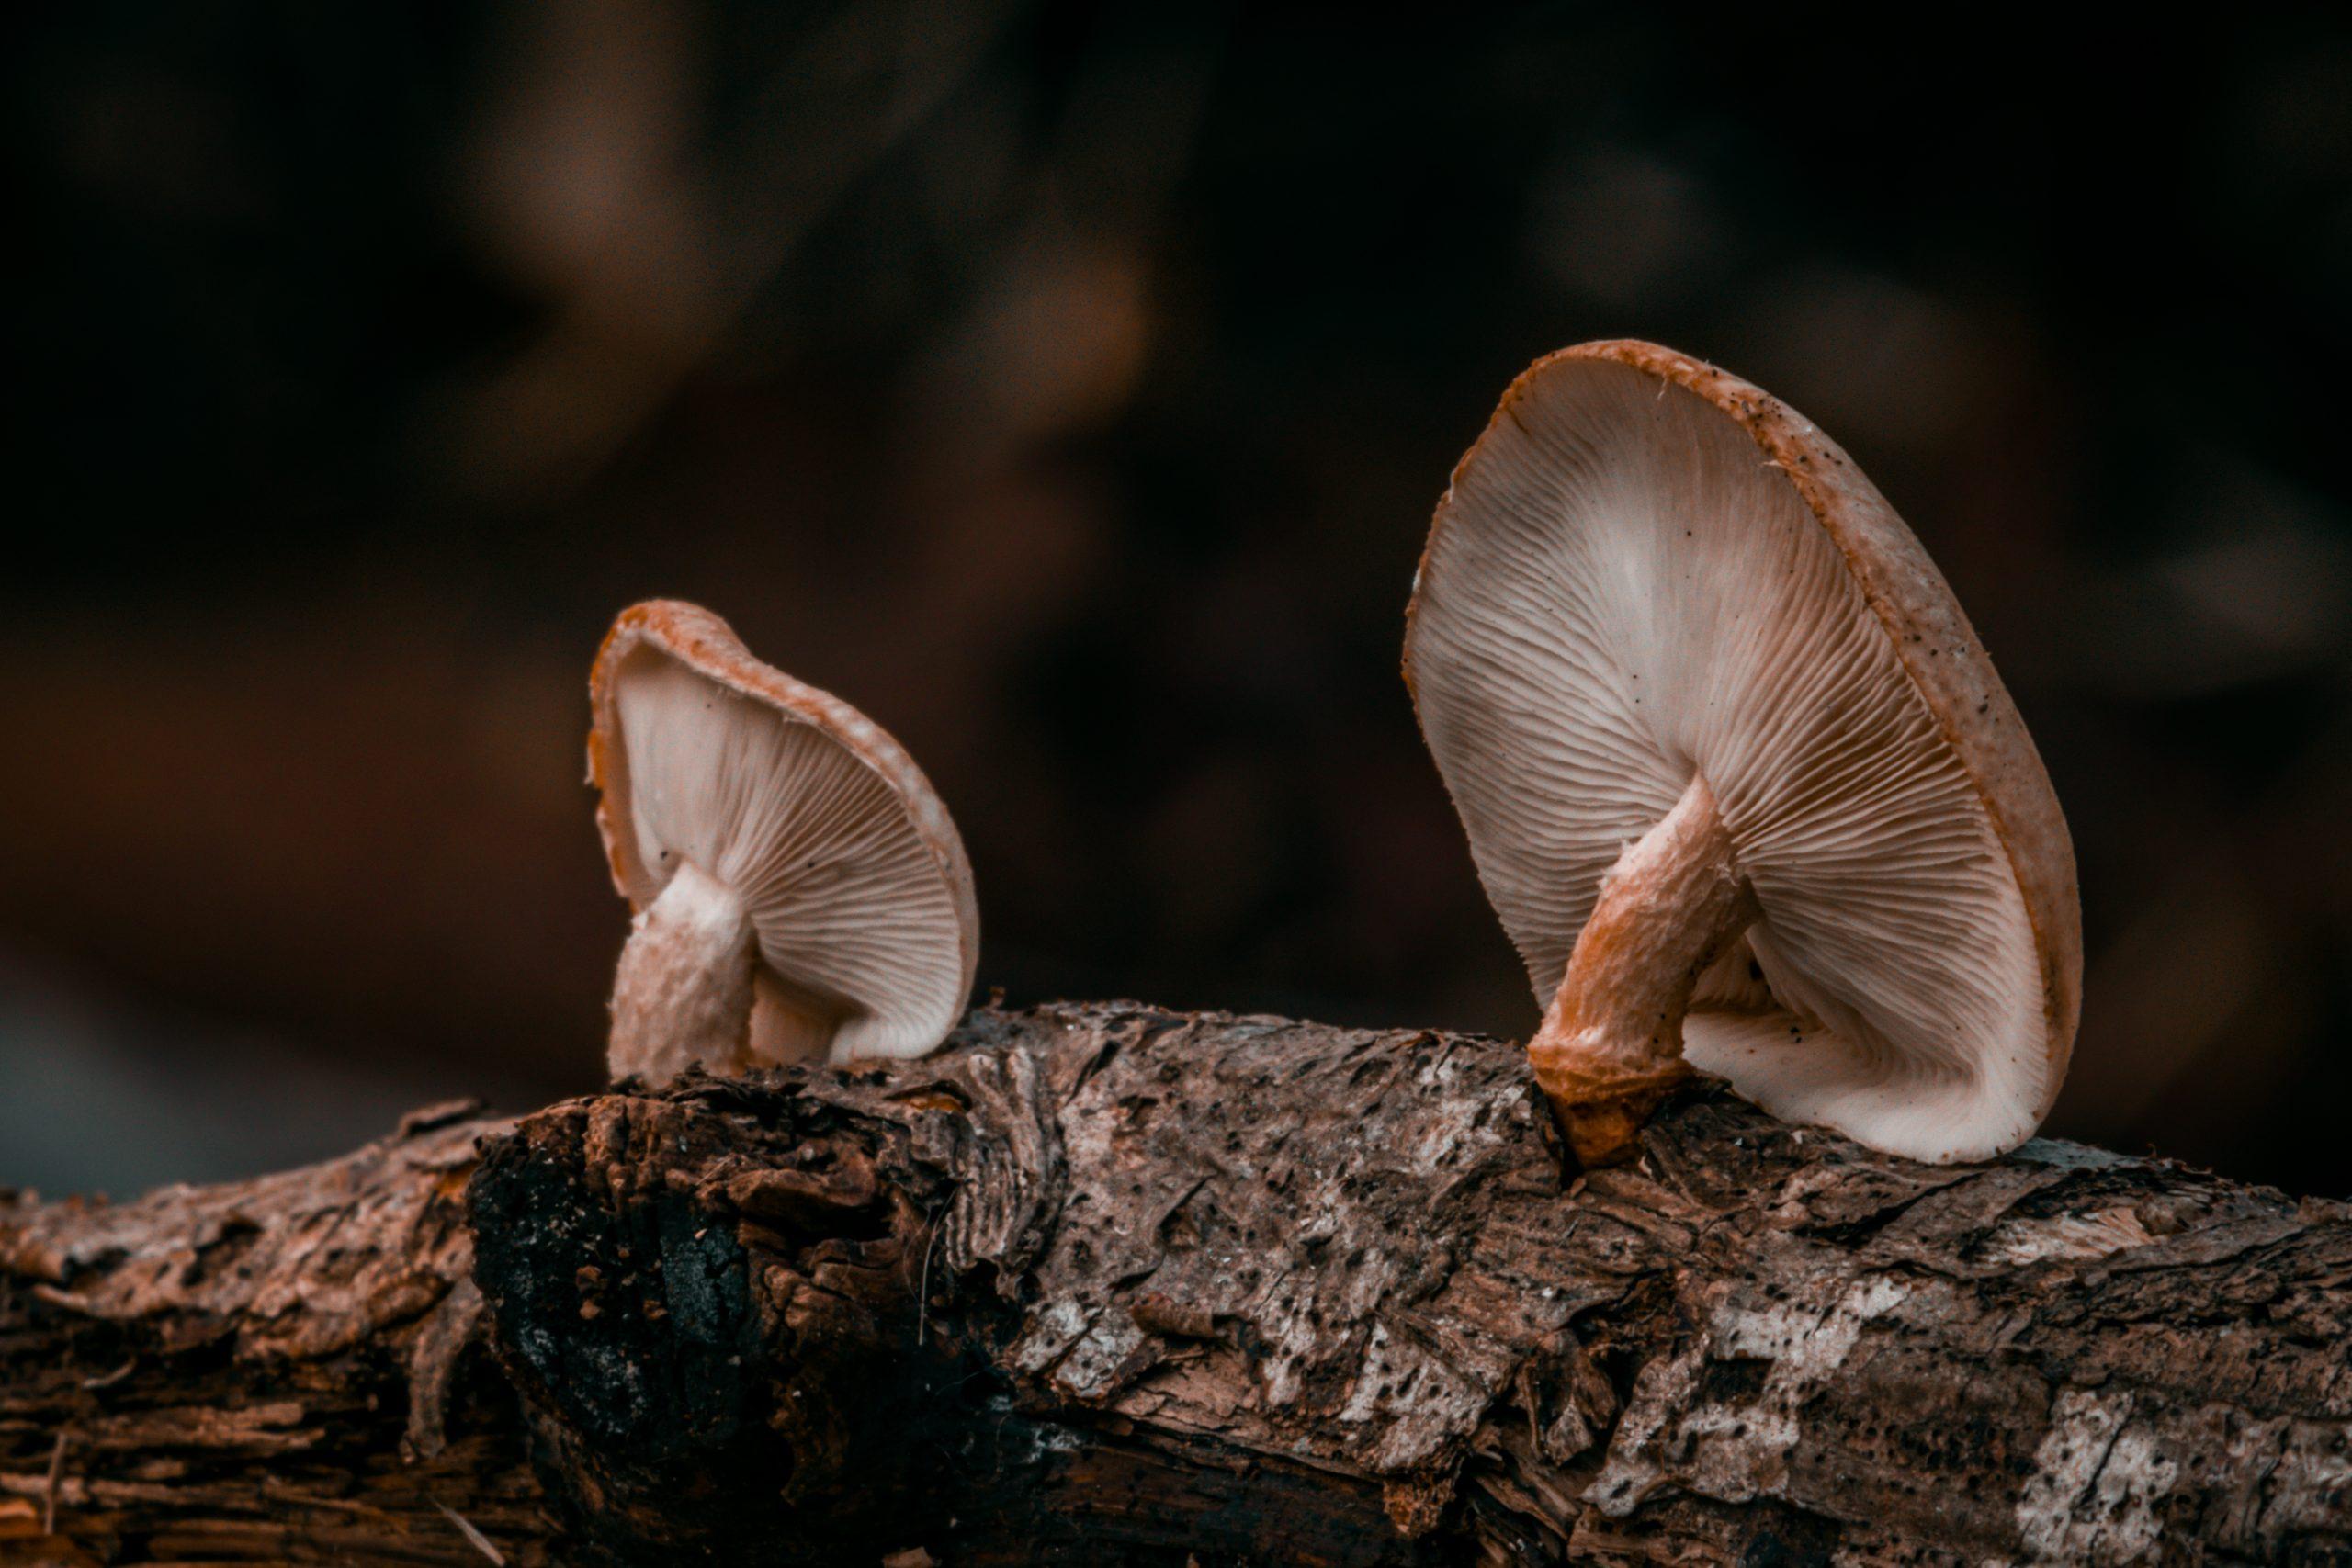 Mushroom growing on a tree bark